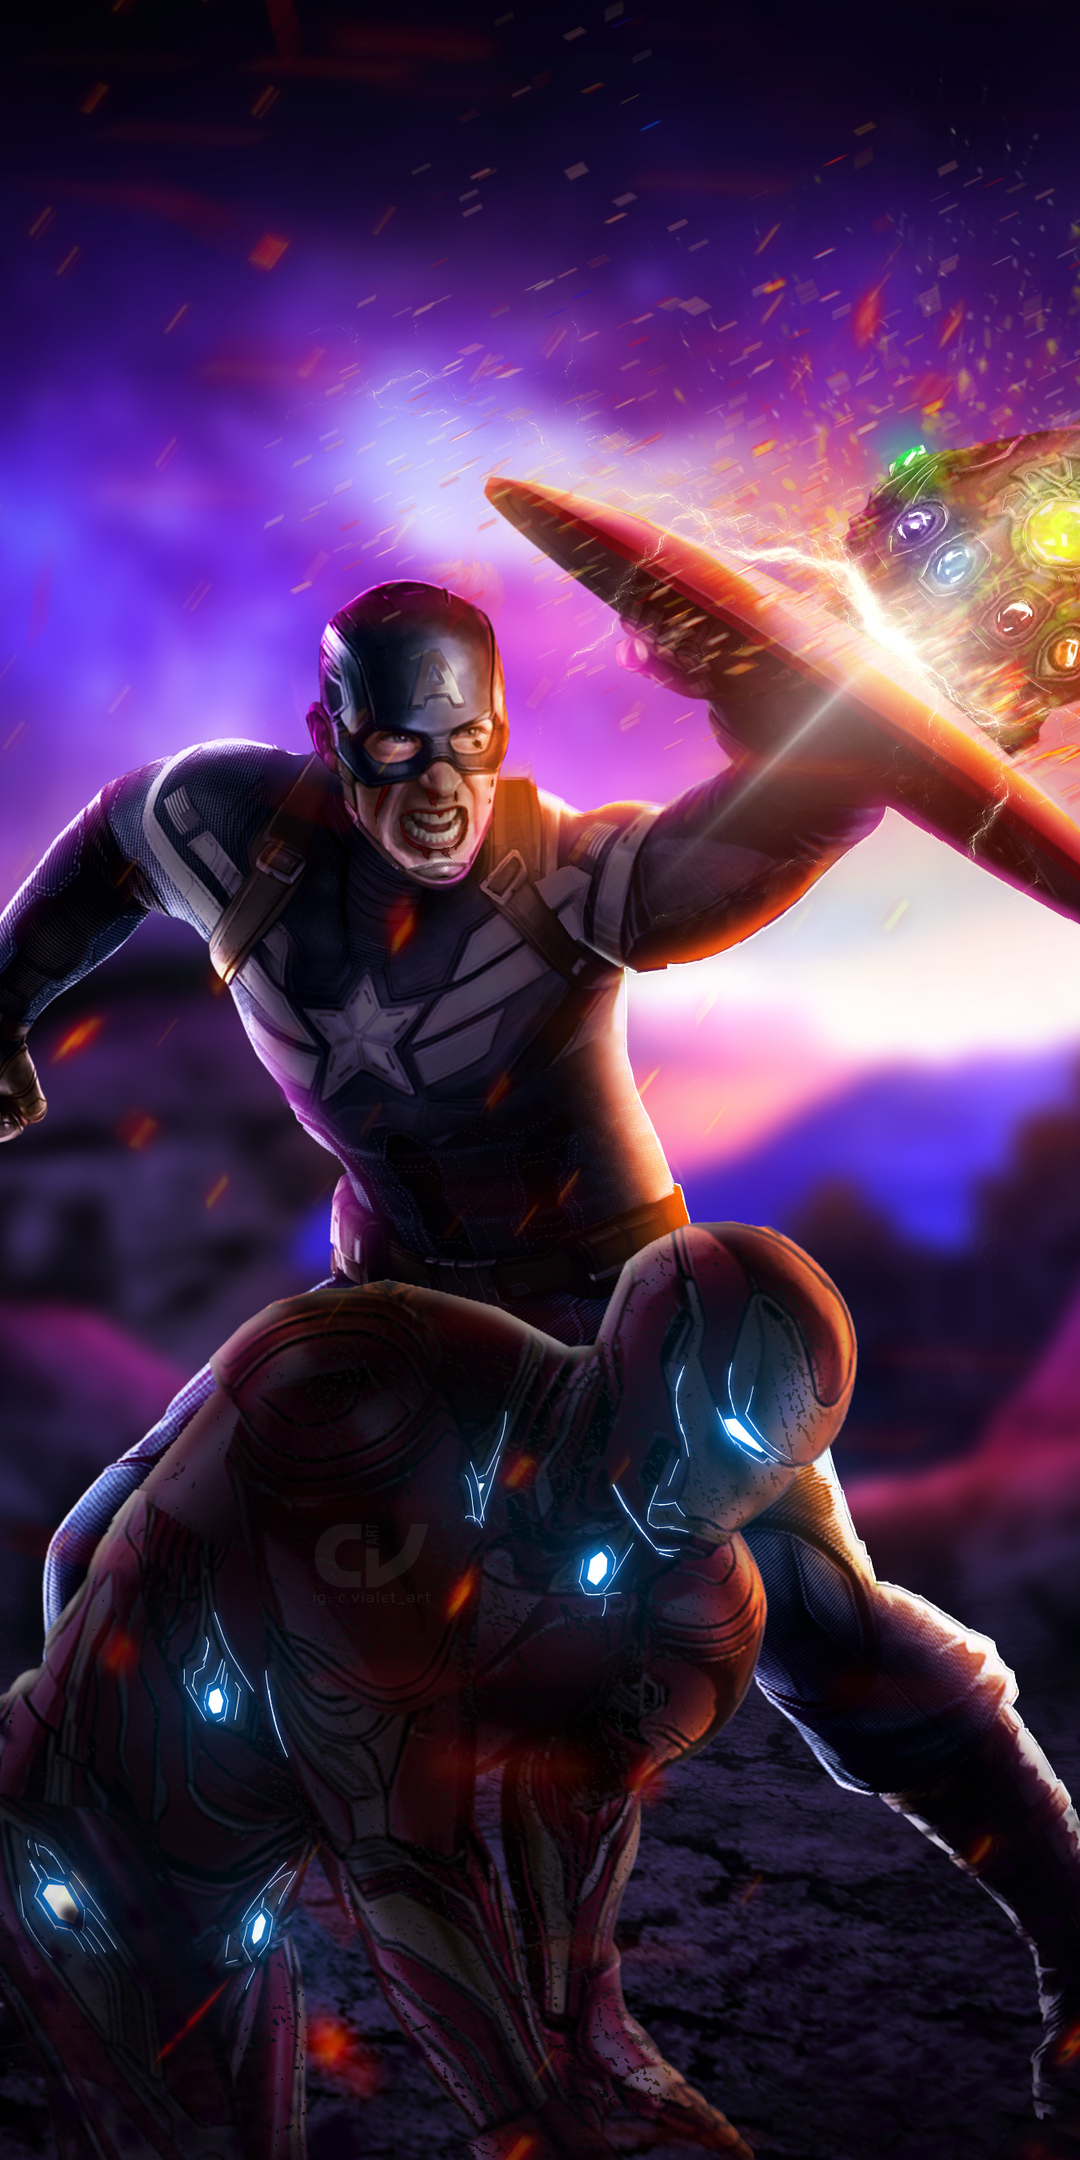 Avengers Endgame Captain America Wallpaper Play Soon Two